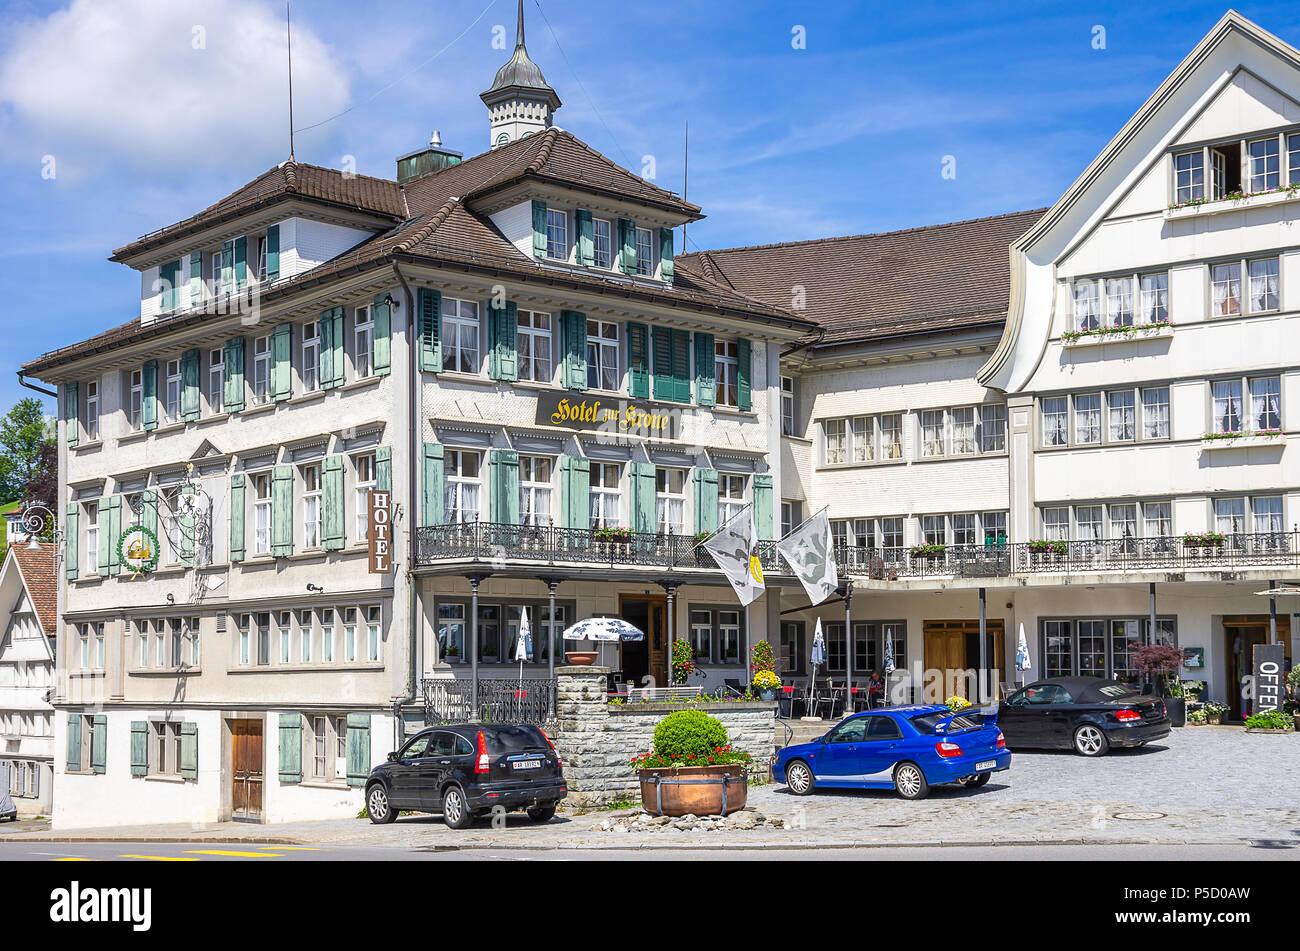 Das HOTEL ZUR KRONE auf dem Dorfplatz von Gais, Appenzell Ausserrhoden, Schweiz. Stockbild